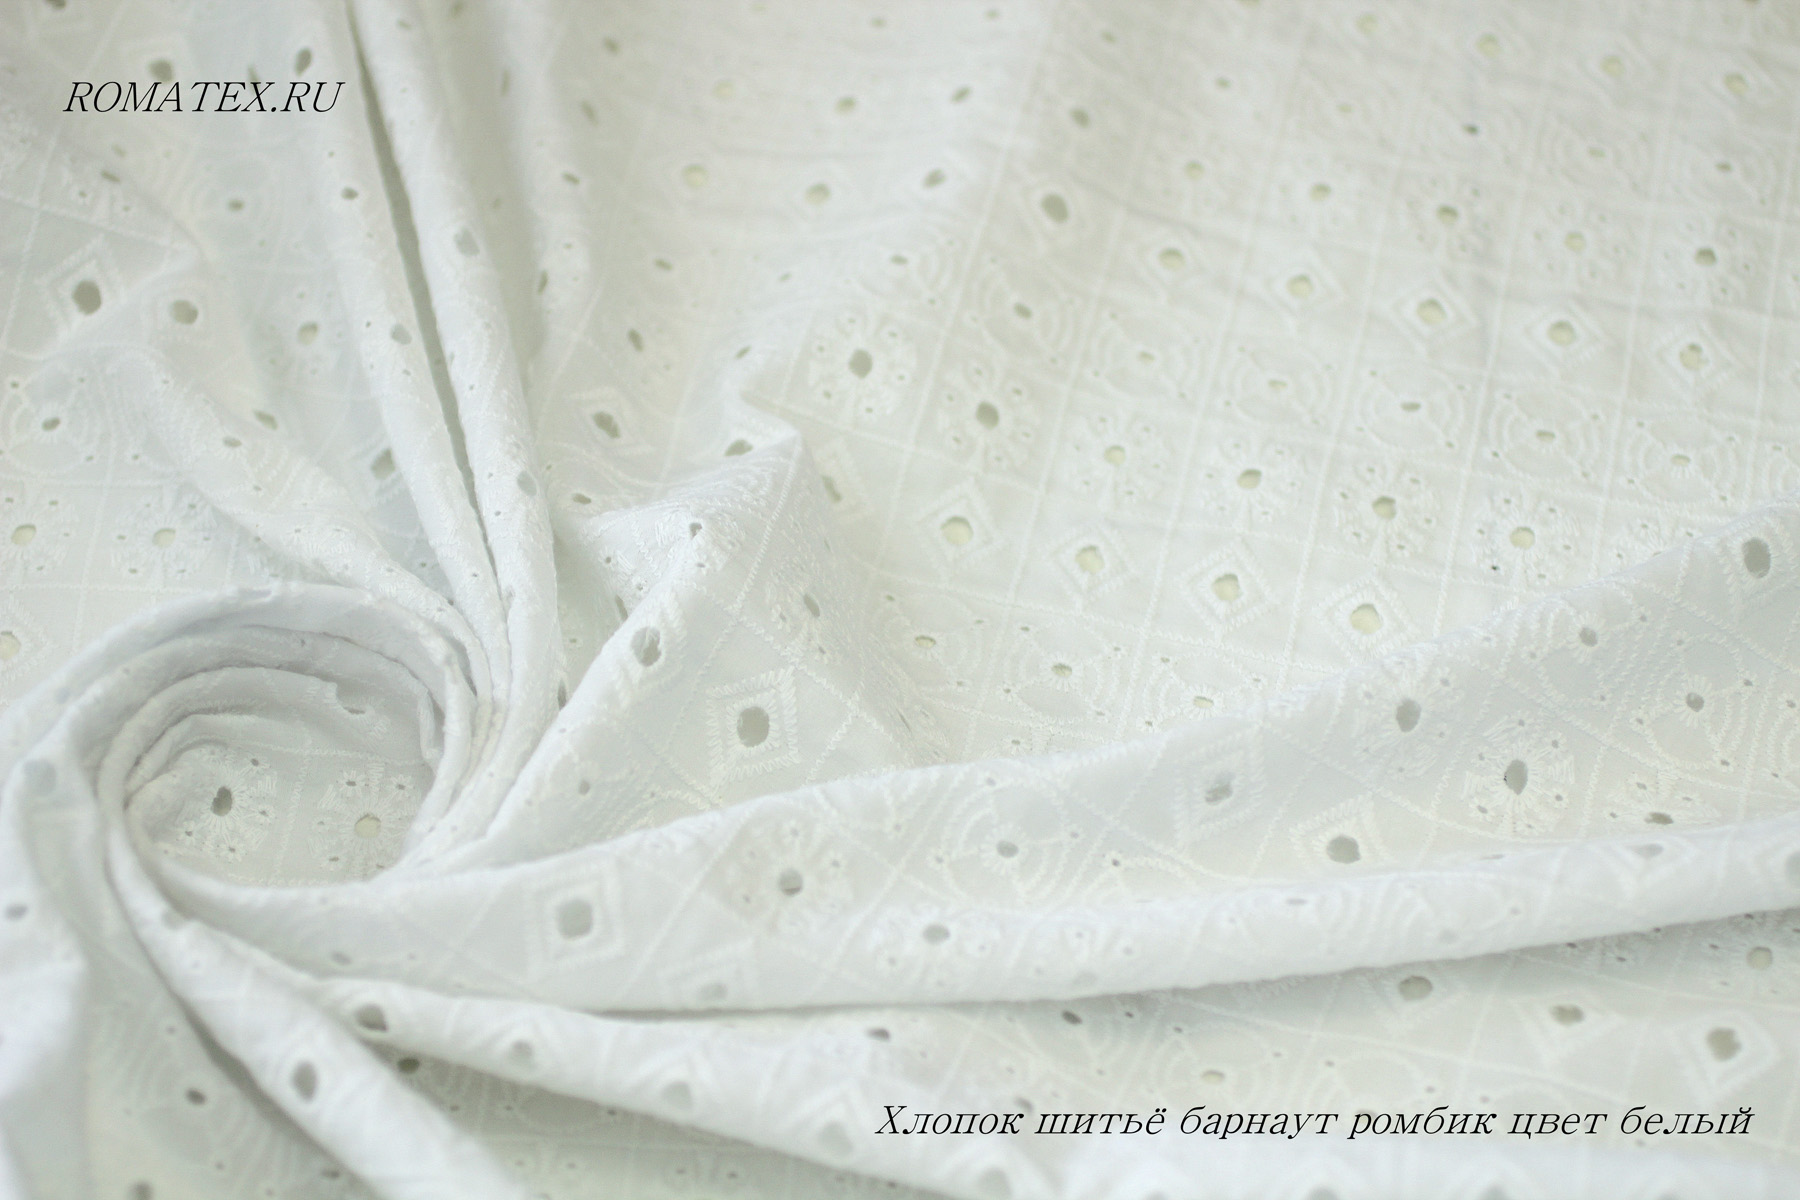 Хлопок шитьё барнаут ромбик цвет белый